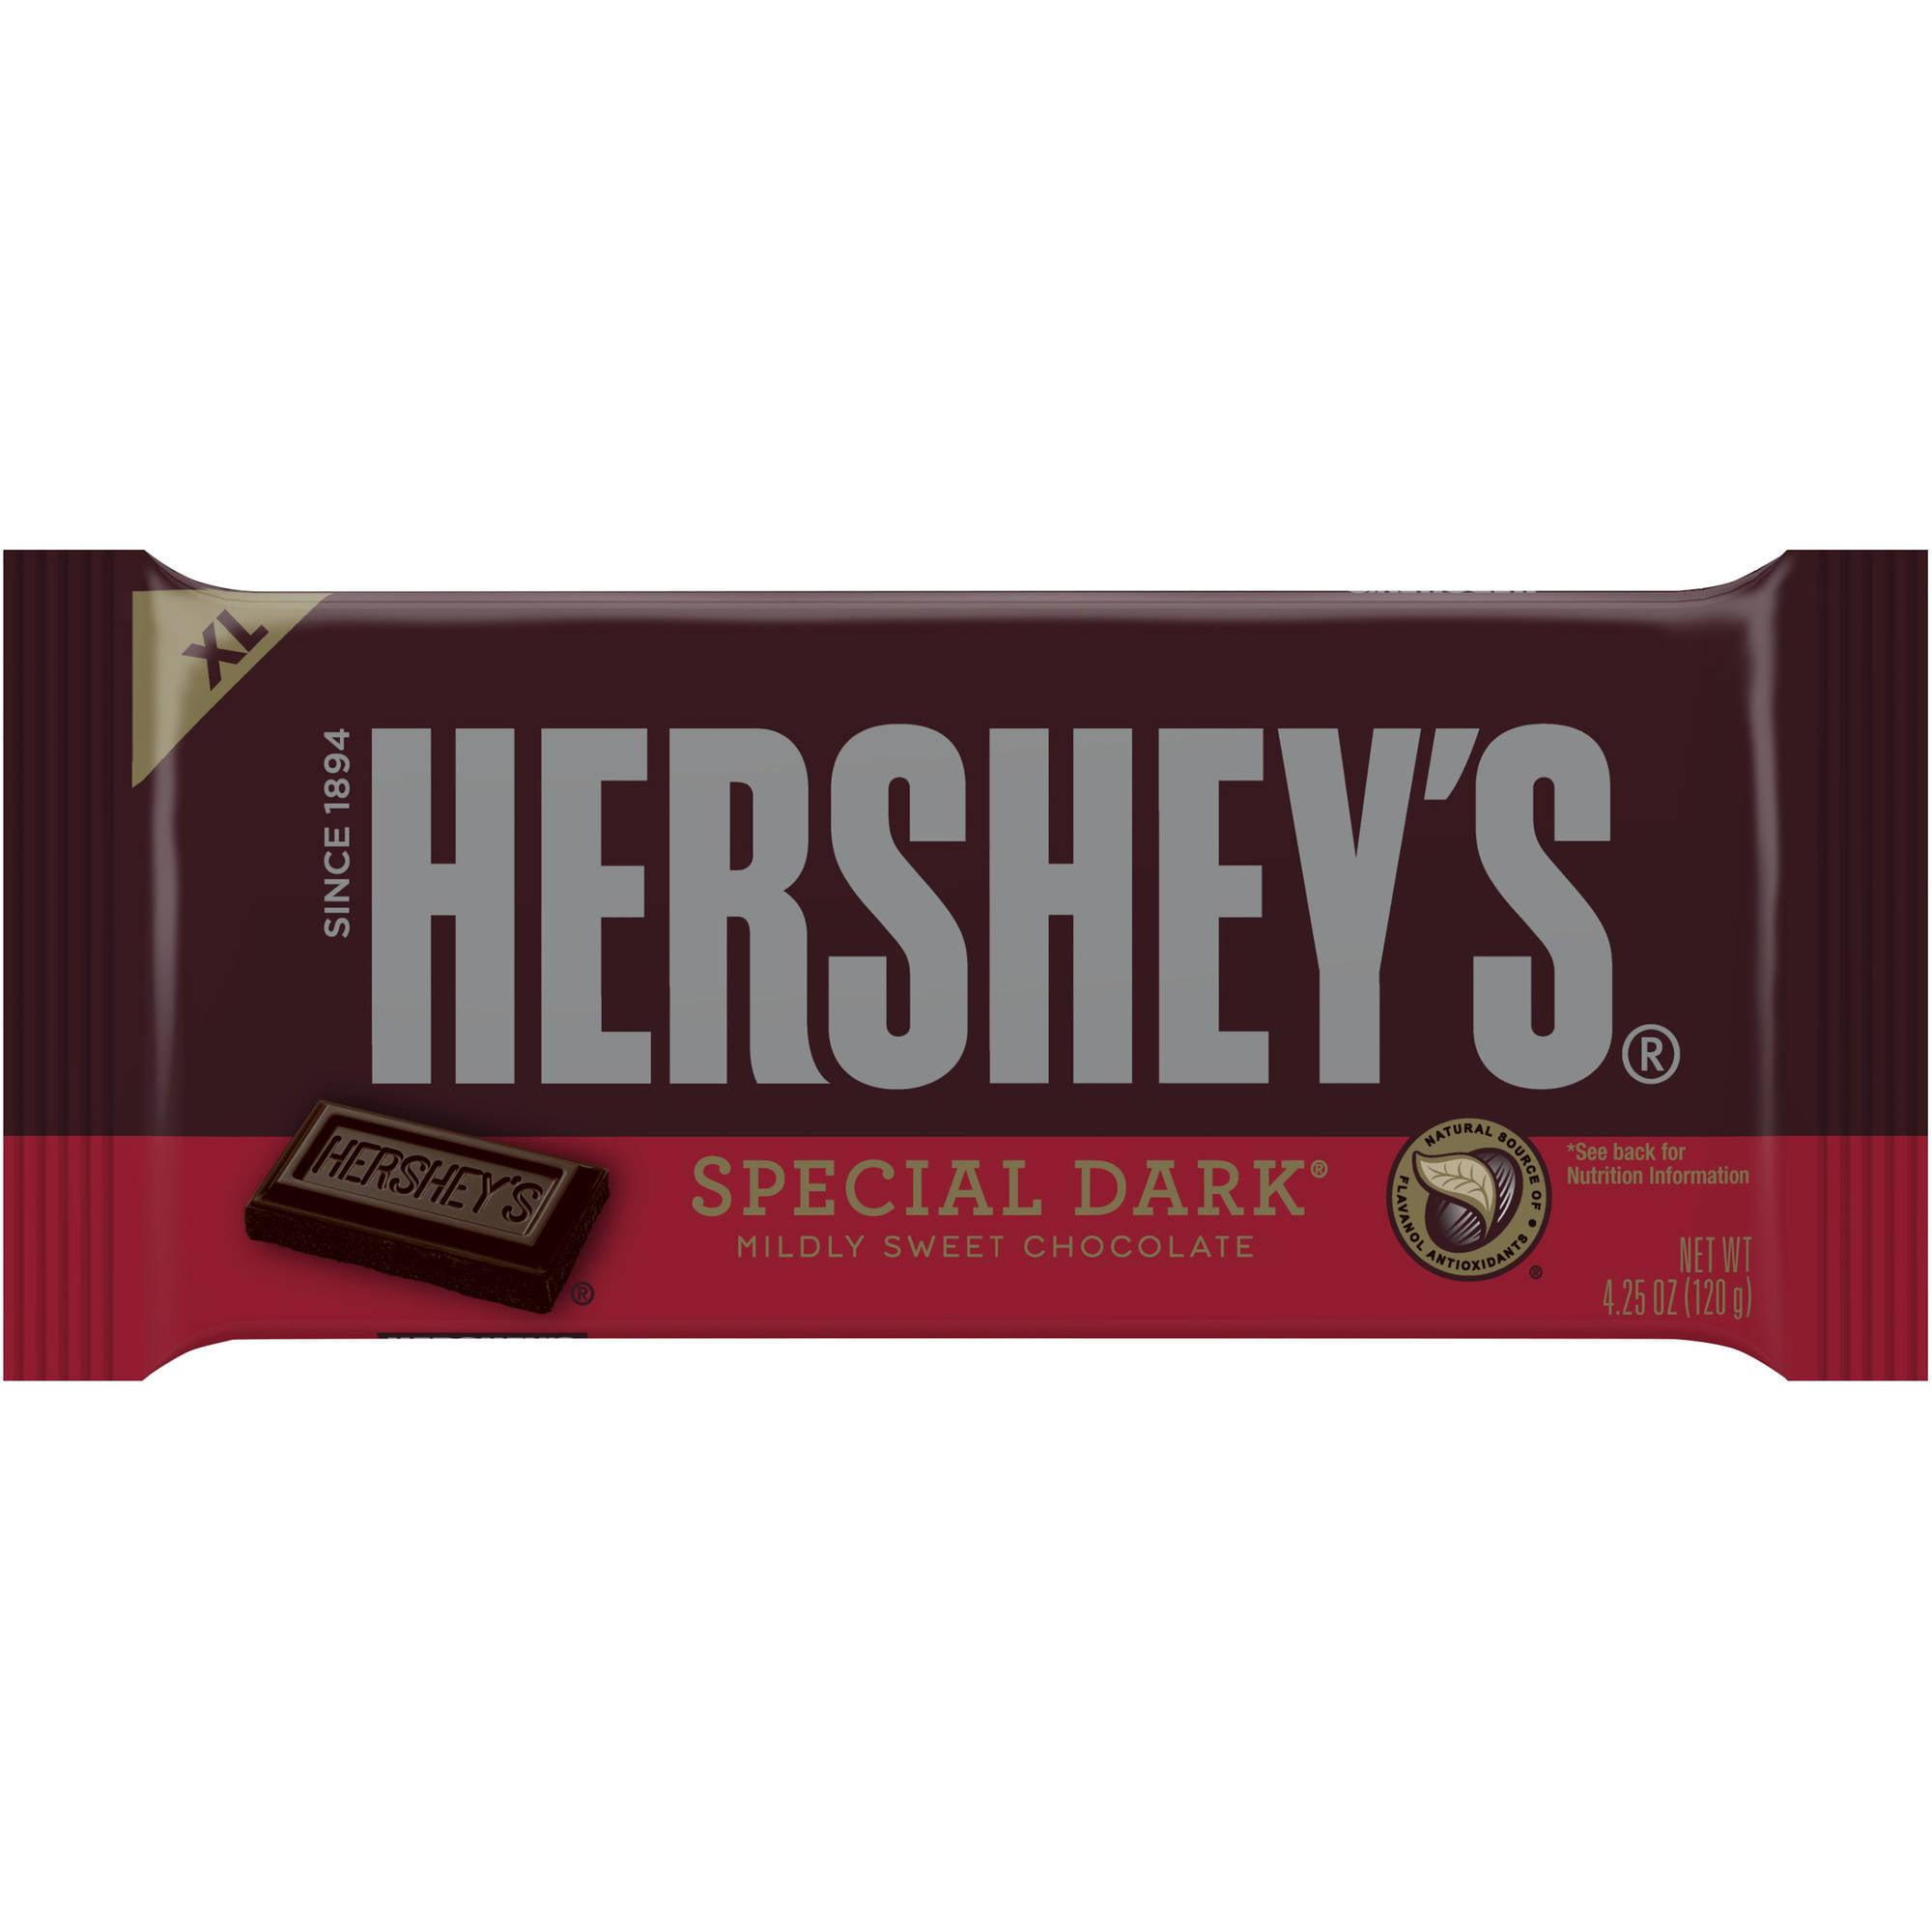 Hershey's Special Dark XL Mildly Sweet Chocolate Bar, 4.25 oz